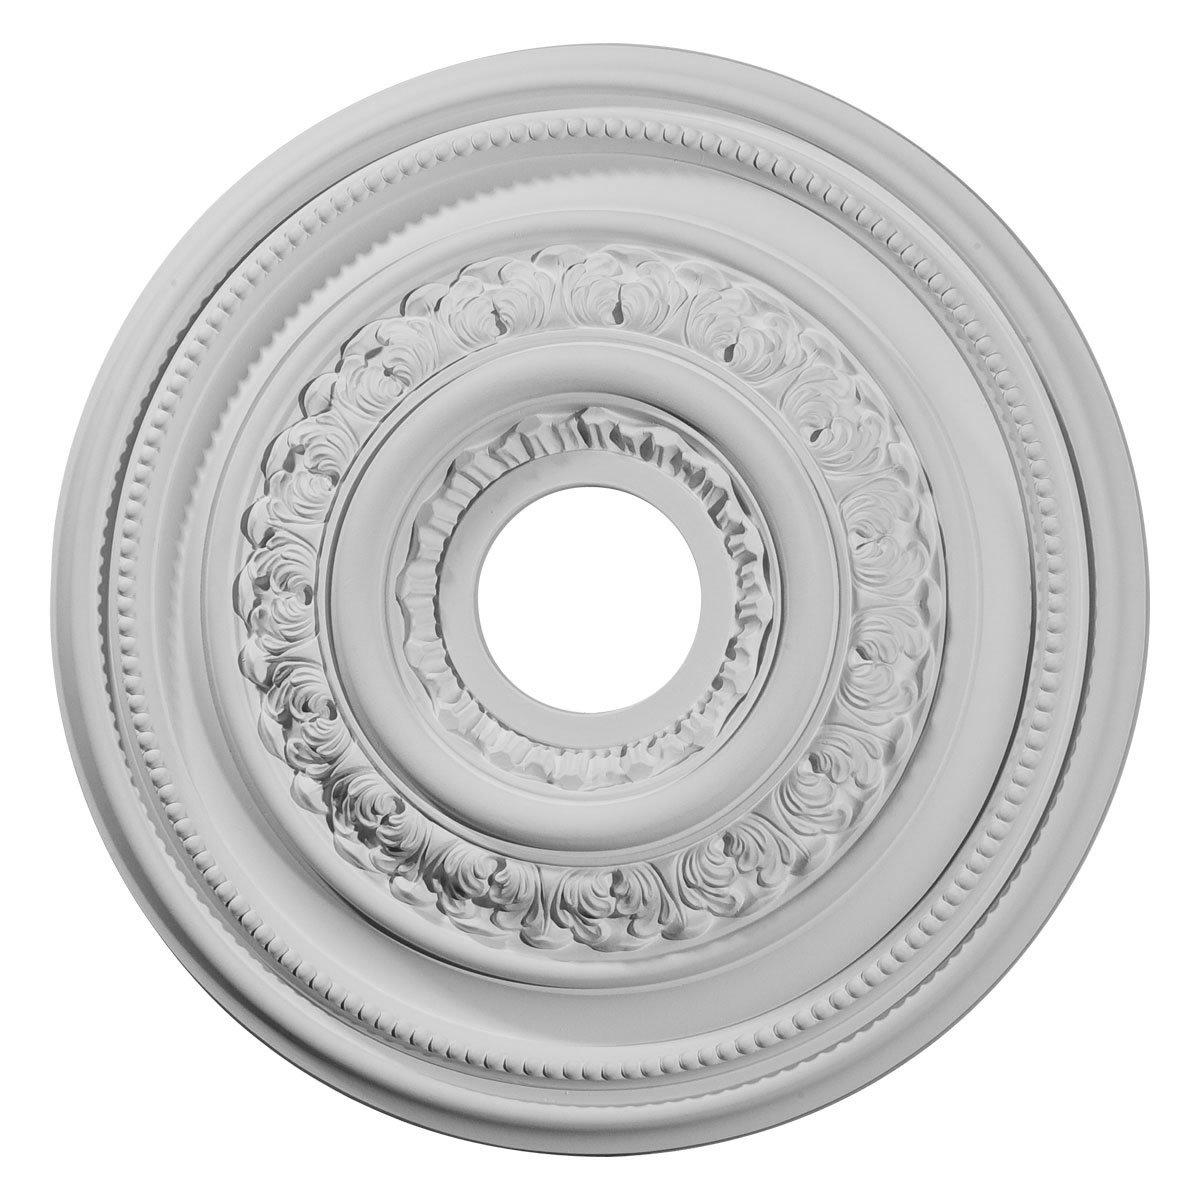 Ekena Millwork CM17OL 17 5/8-Inch OD X 3 5/8-Inch ID X 1 7/8-Inch Orleans Ceiling Medallion